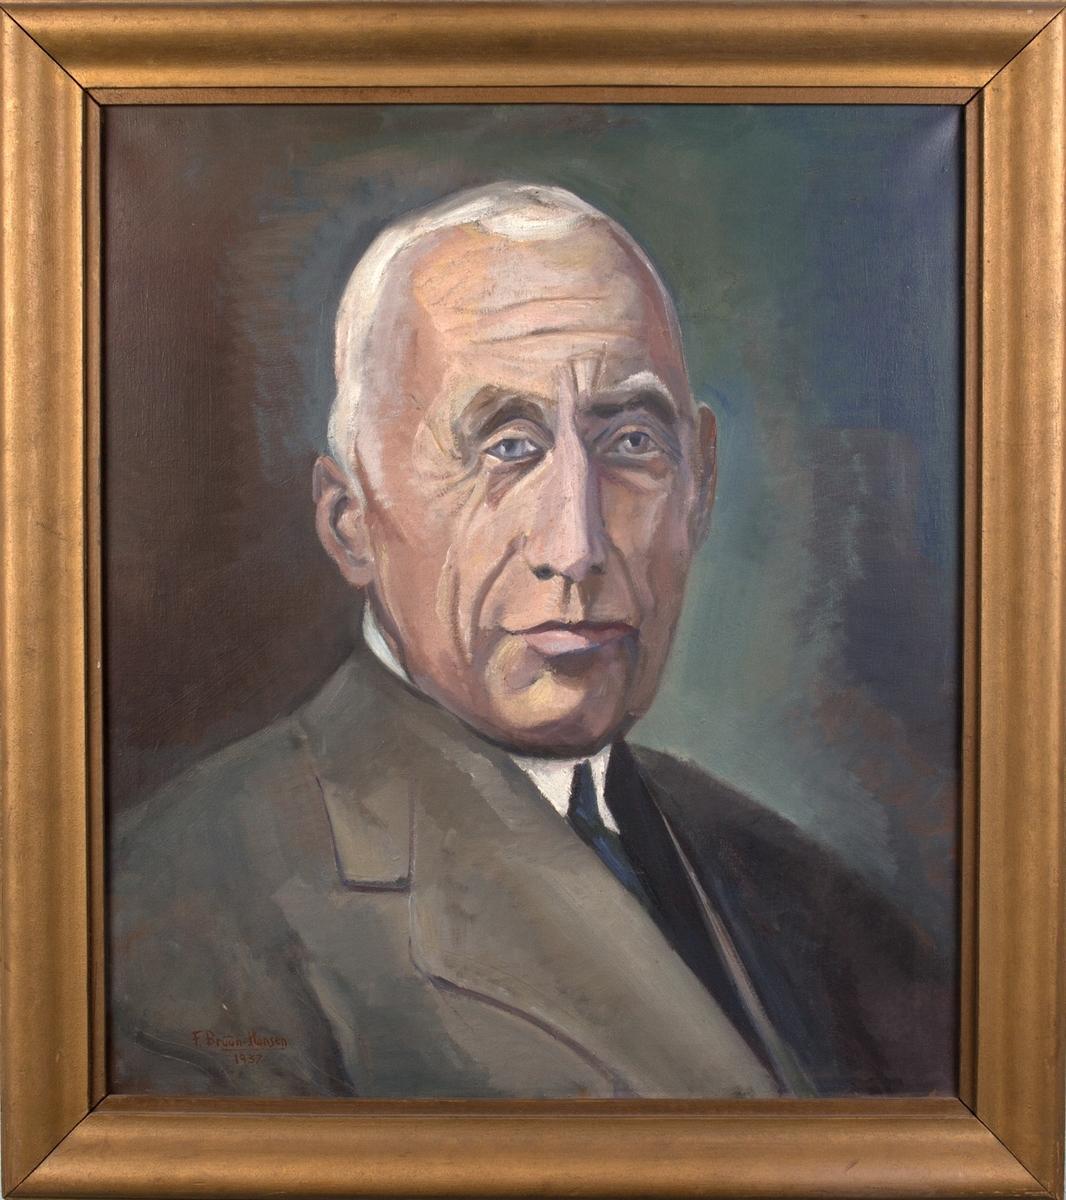 Brystportrett av Roald Amundsen. Han er hvit i håret, og er iført lys dressjakke, hvit skjorte og blått slips.